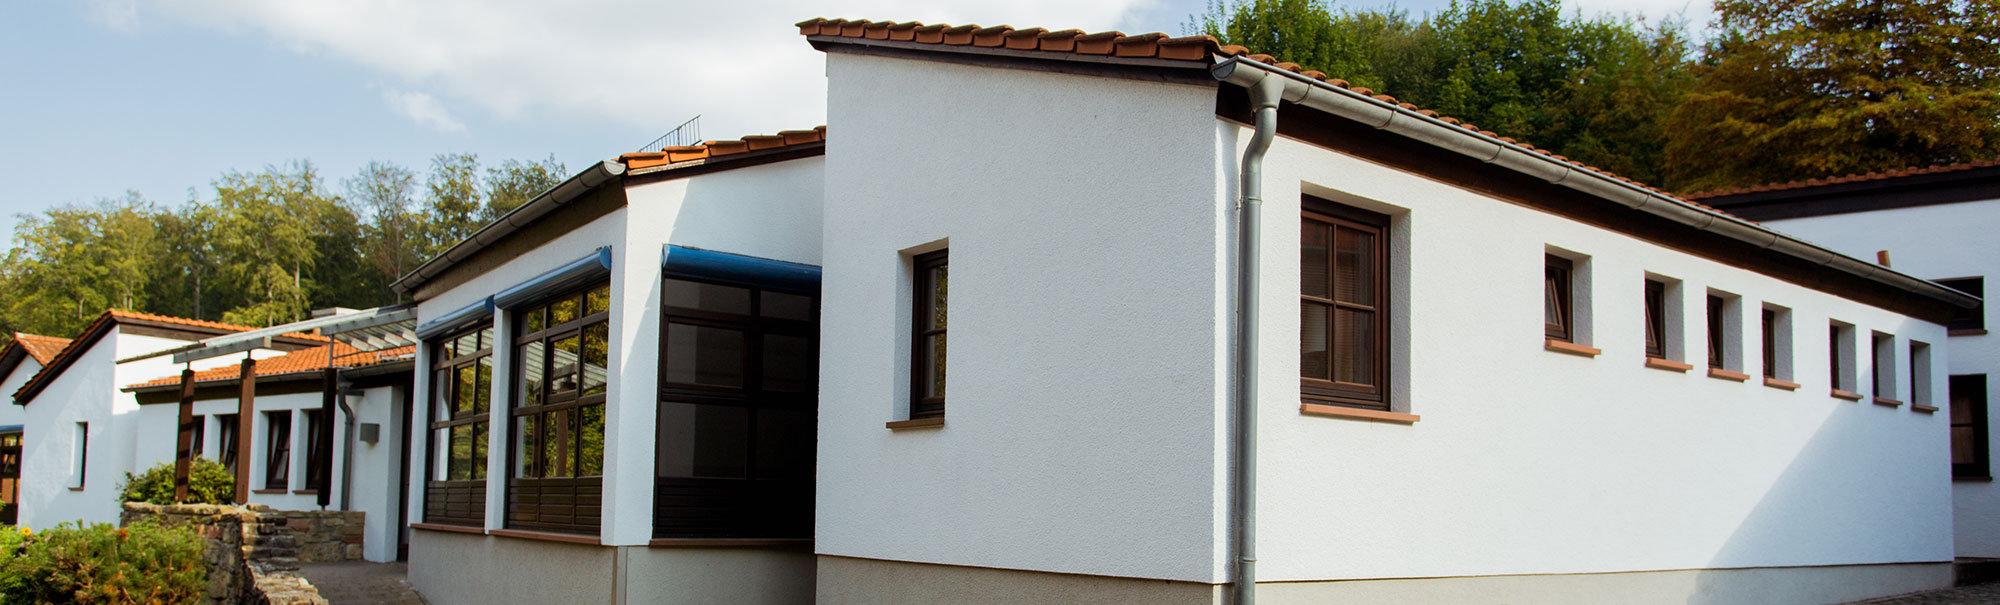 Haus 3 / Quelle: David Groschwitz / ekiba